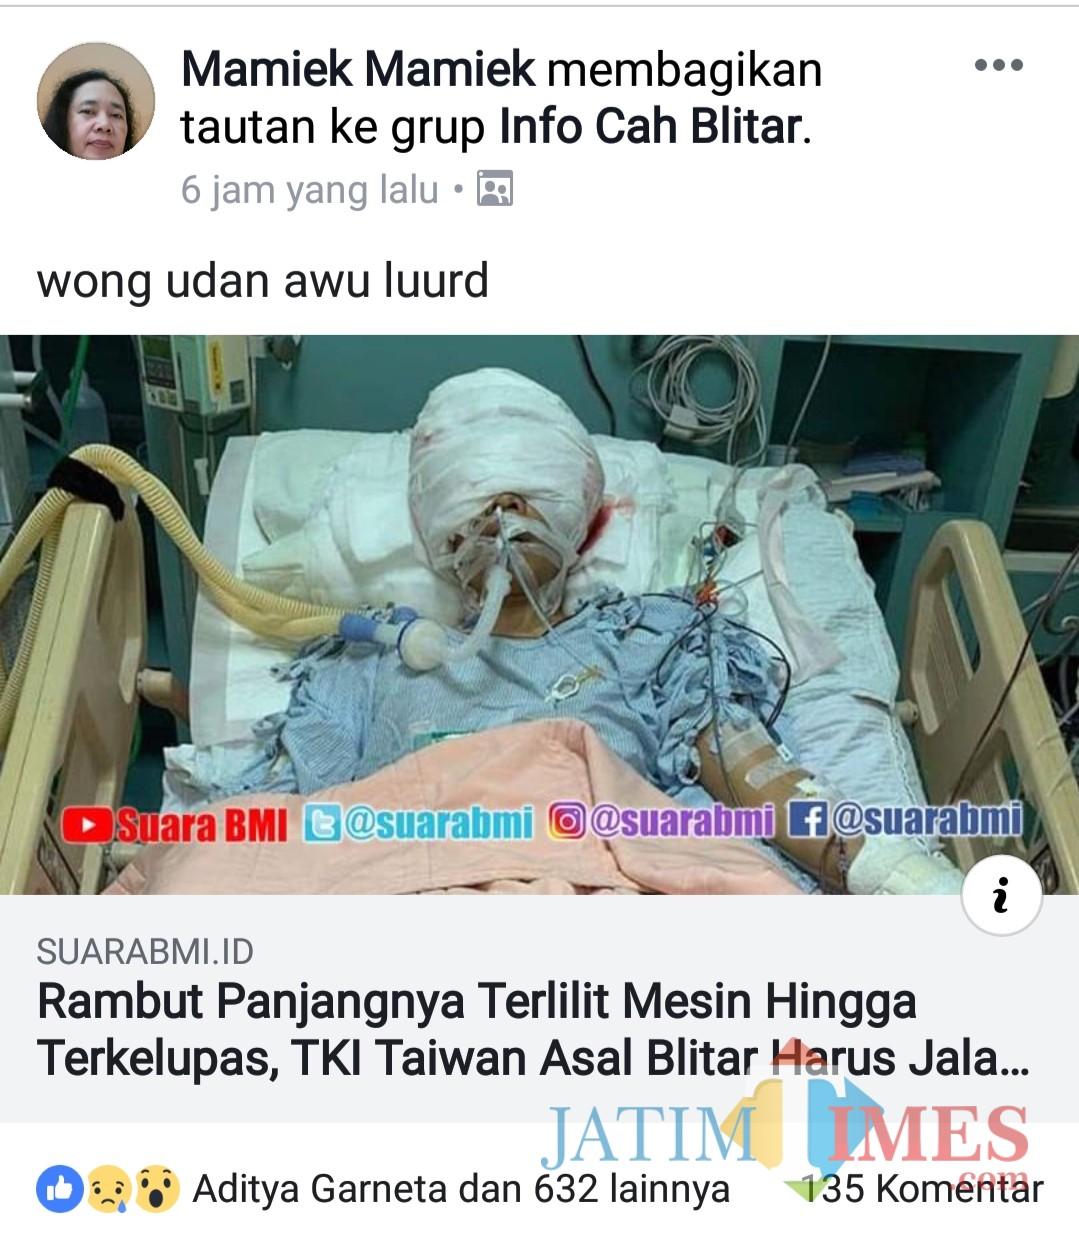 Postingan di FB yang mengabarkan TKI alami luka karena tersangkut mesin di Taiwan